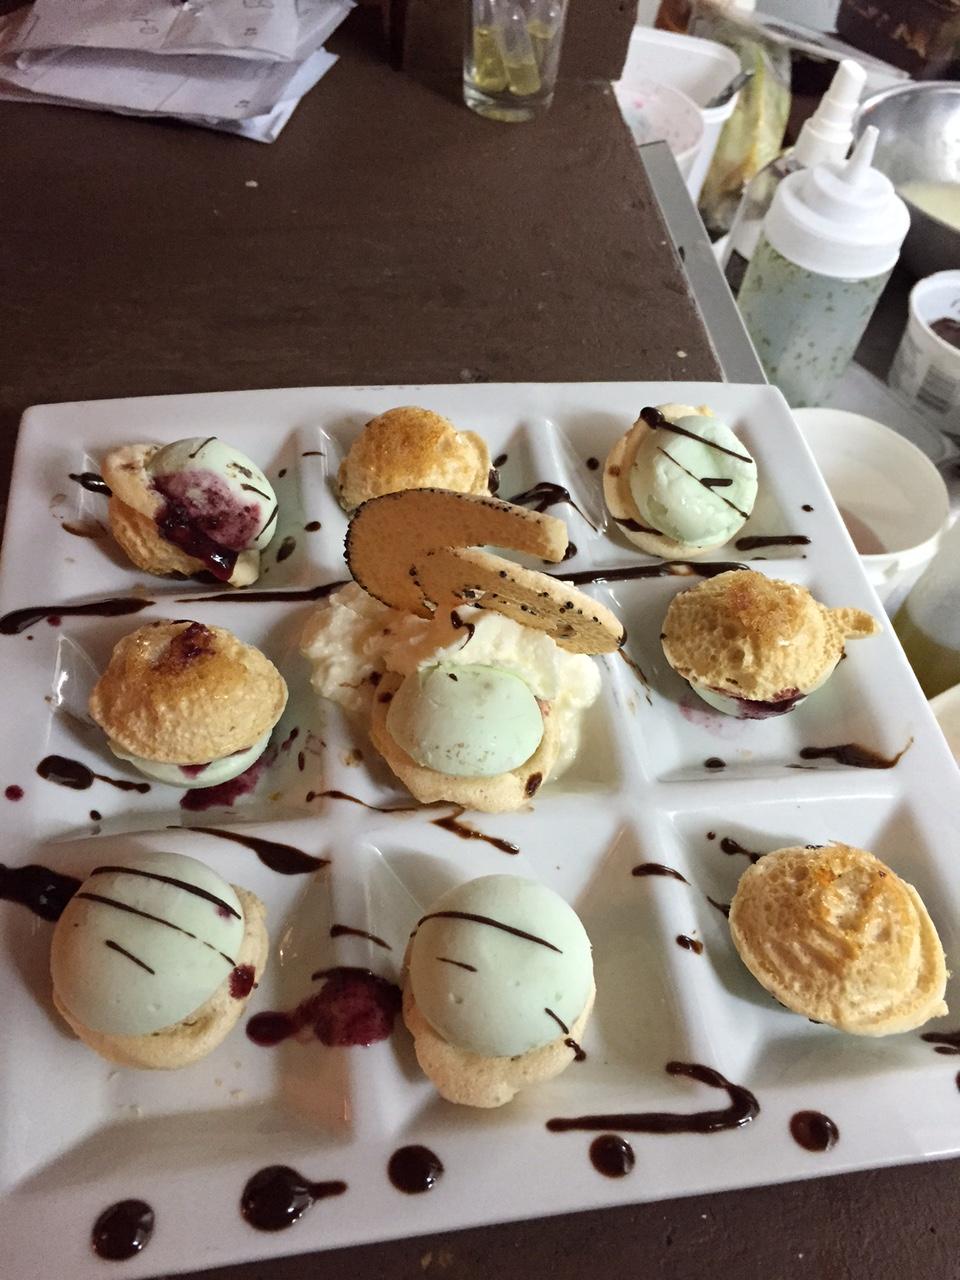 l'estaminet 8 - dessert.jpg